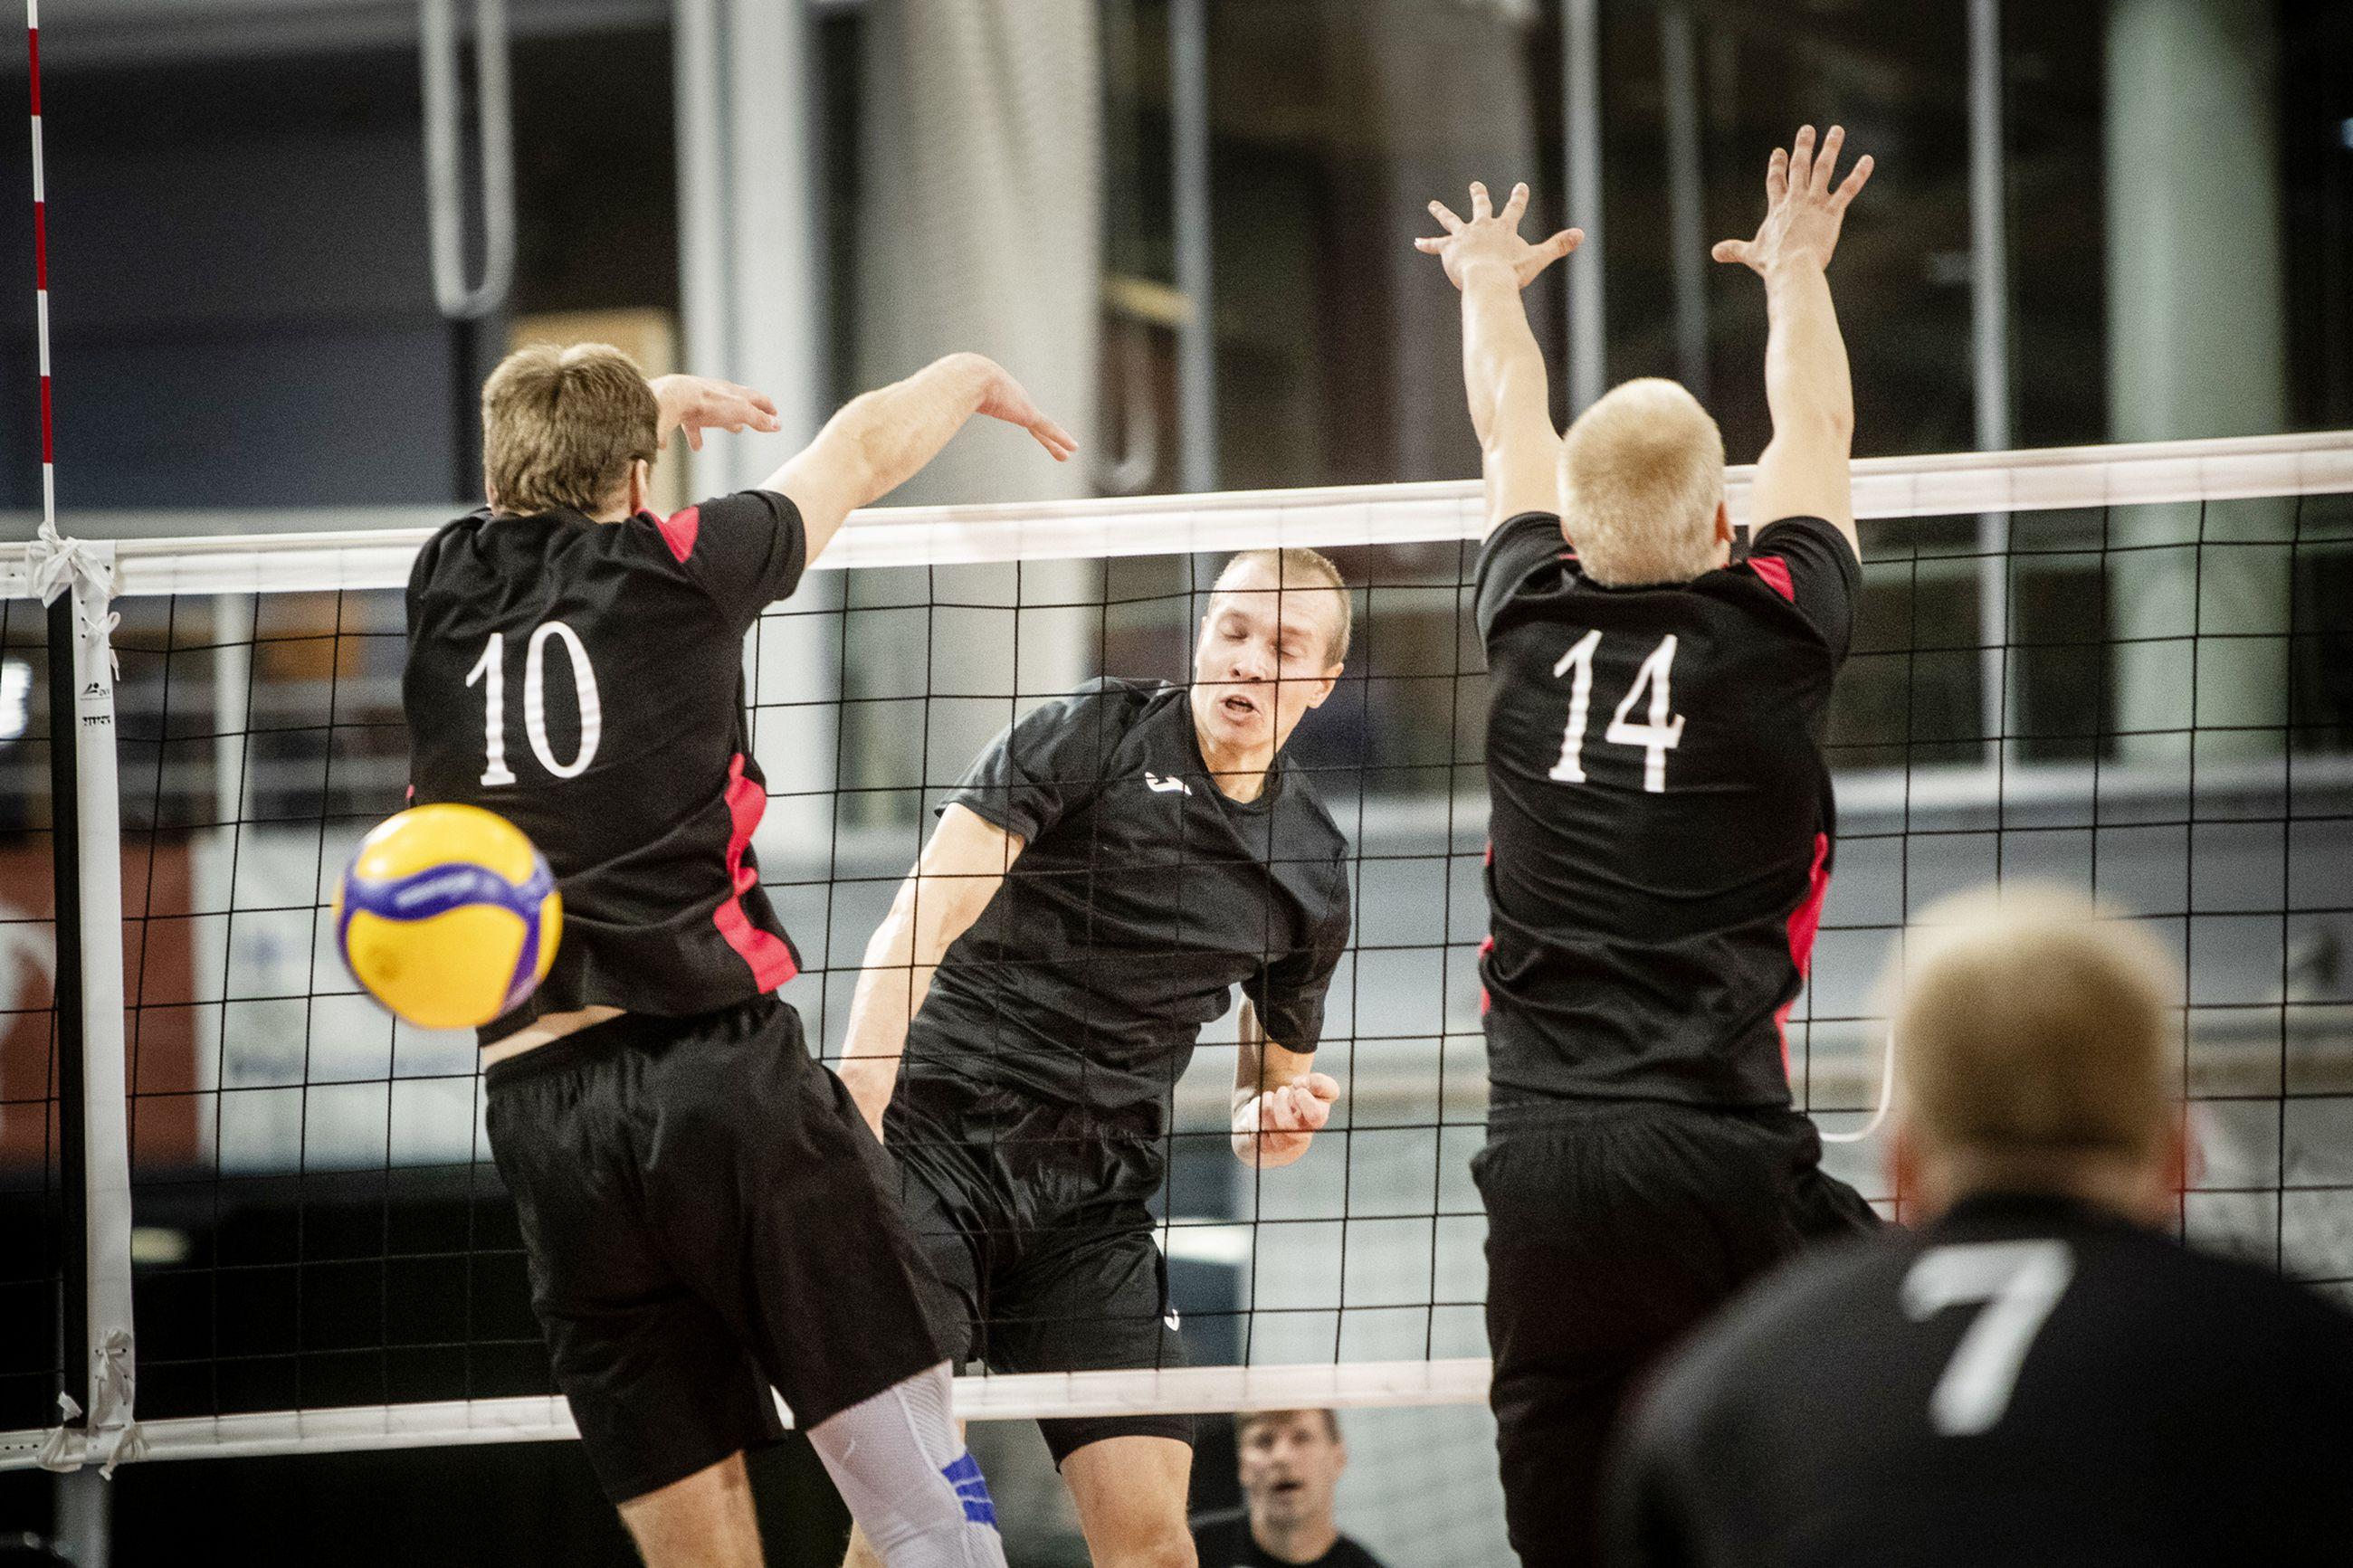 Perungan Poikien uusi hakkuri Eetu Häyrinen tuli kovaa ja korkealta kolme erään. Ettan Aleksi Muukkonen(10) ja Nuutti Niinivaara harovat tyhjää.